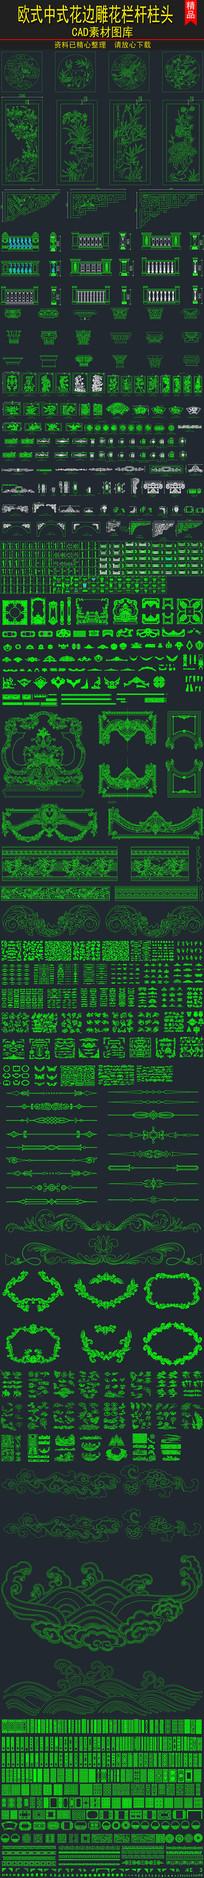 欧式中式花边雕花栏杆柱头CAD素材